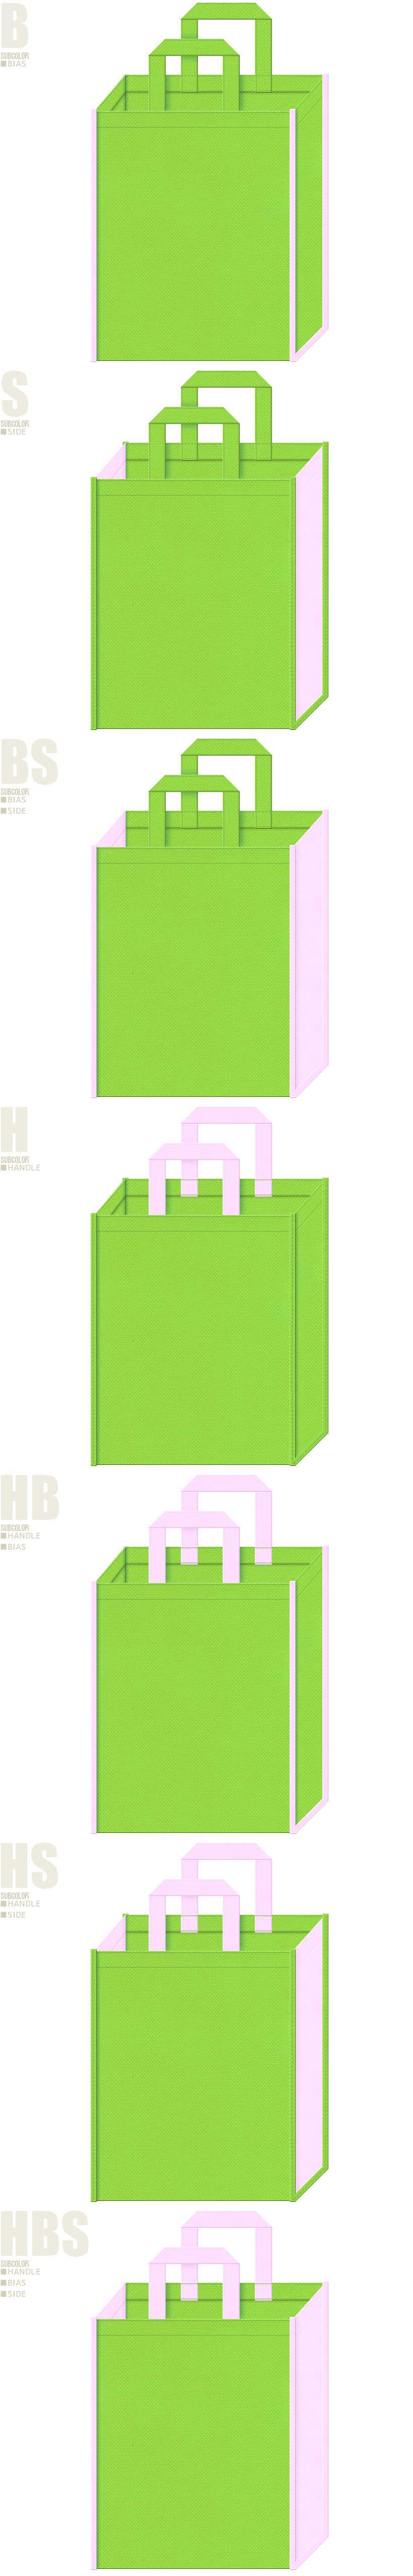 絵本・インコ・お花見・葉桜・アサガオ・あじさい・医療施設・介護施設・春のイベント・フラワーショップにお奨めの不織布バッグデザイン:黄緑色と明るいピンク色の配色7パターン